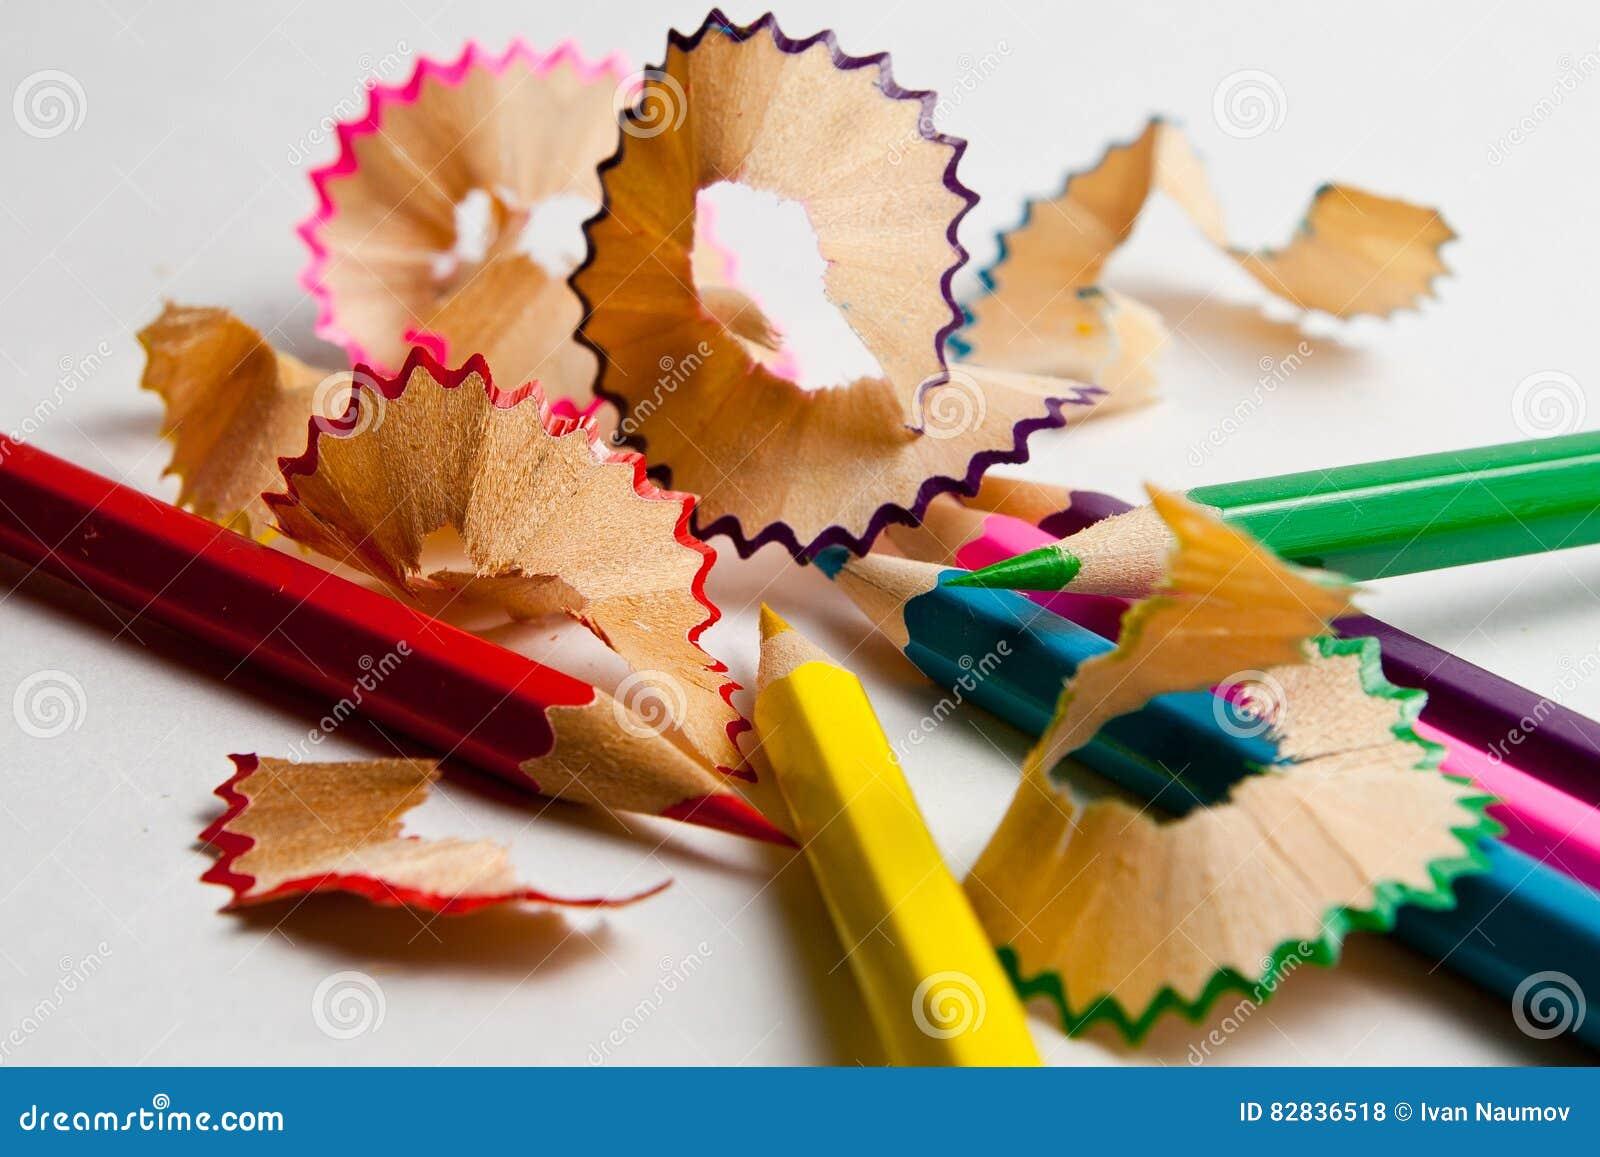 Foto de lápices coloreados previstos